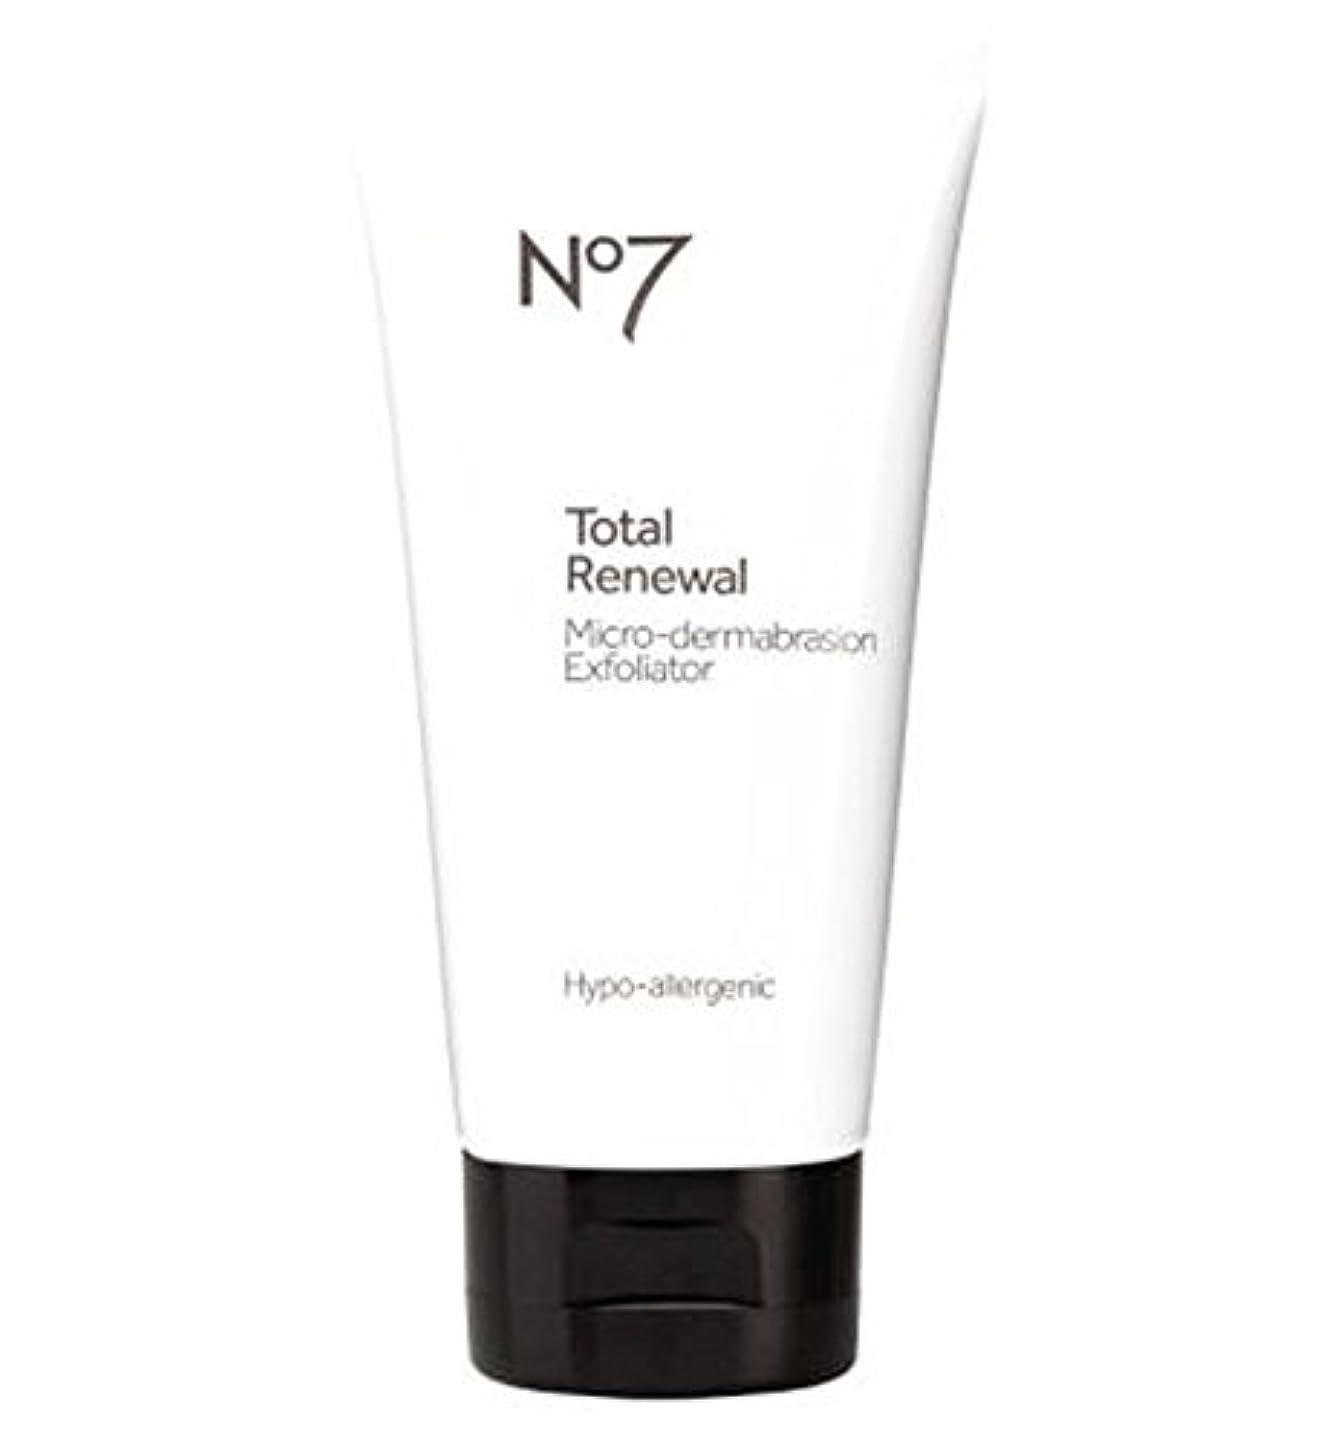 クスクスプラットフォーム噴水No7総リニューアルマイクロ皮膚剥離面エクスフォリエーター (No7) (x2) - No7 Total Renewal Micro-dermabrasion Face Exfoliator (Pack of 2) [並行輸入品]